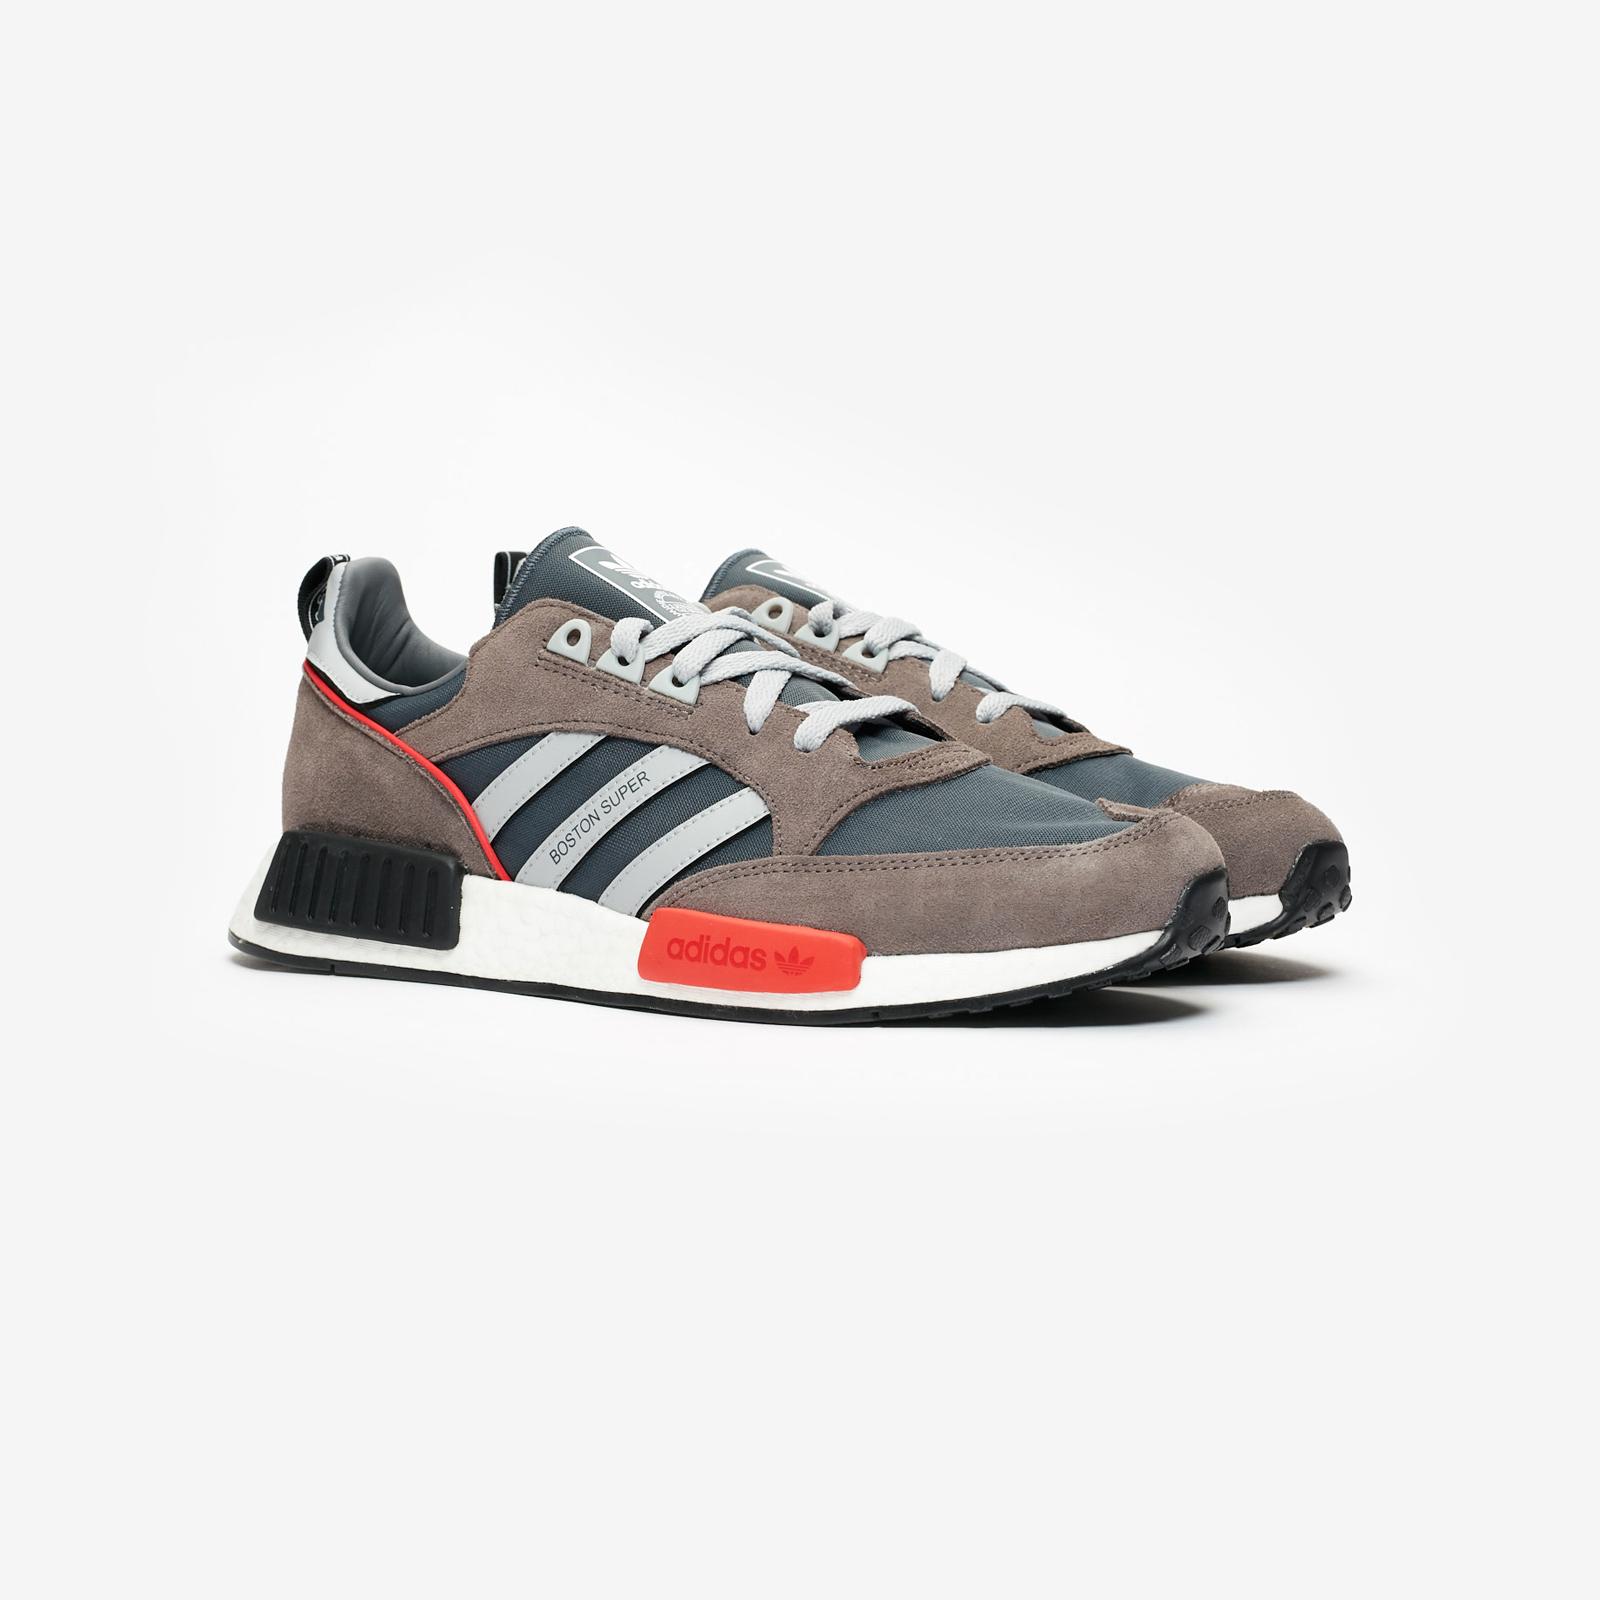 adidas Boston Super x R1 - G26776 - Sneakersnstuff  1b4856f32